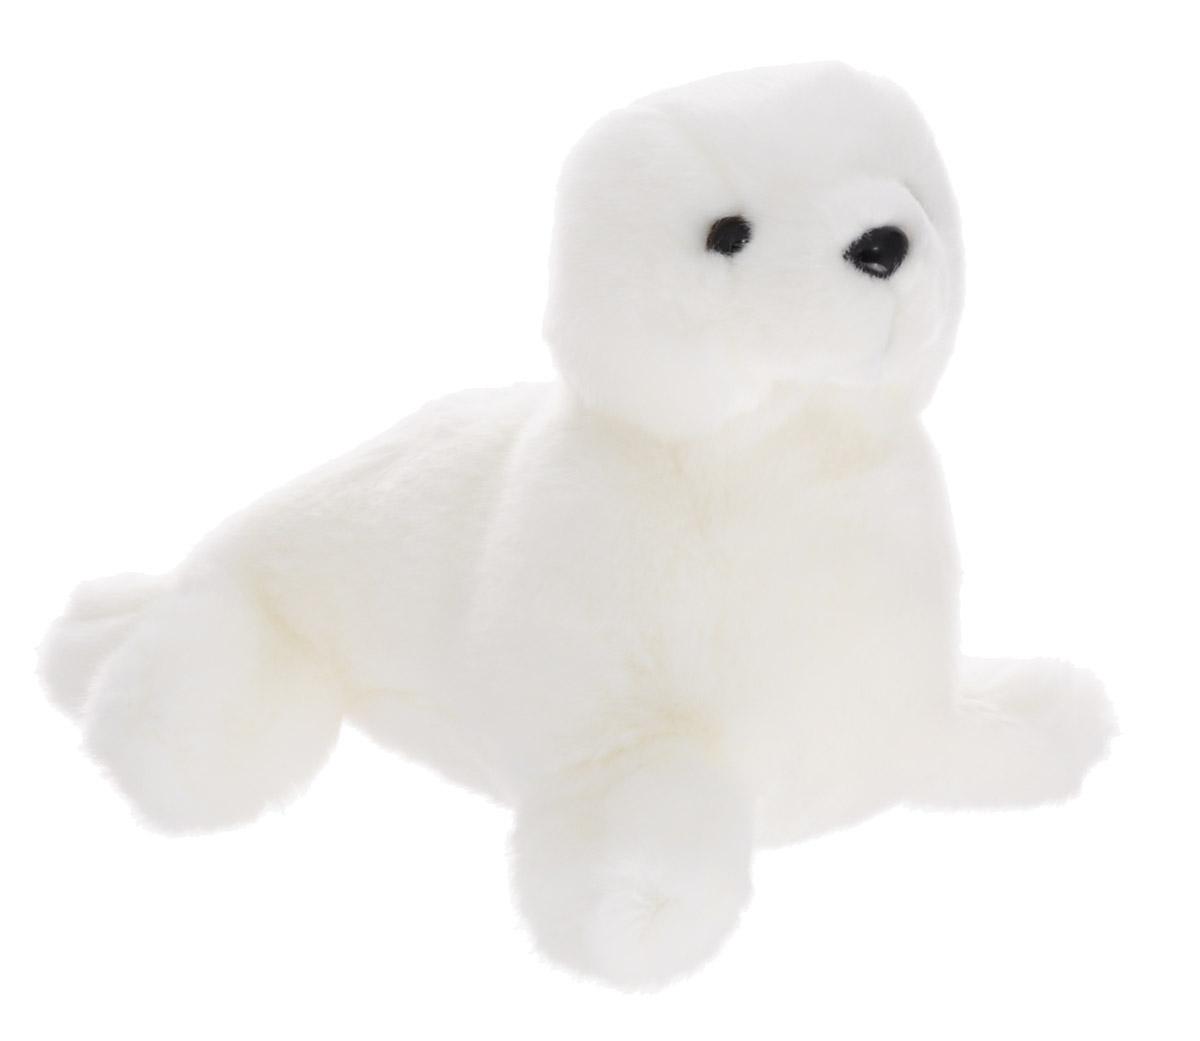 Soya Мягкая игрушка Тюлень 15 см2130-6WМягкая игрушка Soya Тюлень будет отличным подарком для ребенка, который любит животных. Любая современная игрушка - это больше, чем просто способ увлечь малыша. Игрушка выполнена из приятного на ощупь материала в виде белого тюленя. Удивительно мягкая игрушка принесет радость и подарит своему обладателю мгновения нежных объятий и приятных воспоминаний. Мягкие игрушки знакомят с животным миром нашей планеты, формируют цветовосприятие и способствуют концентрации внимания.